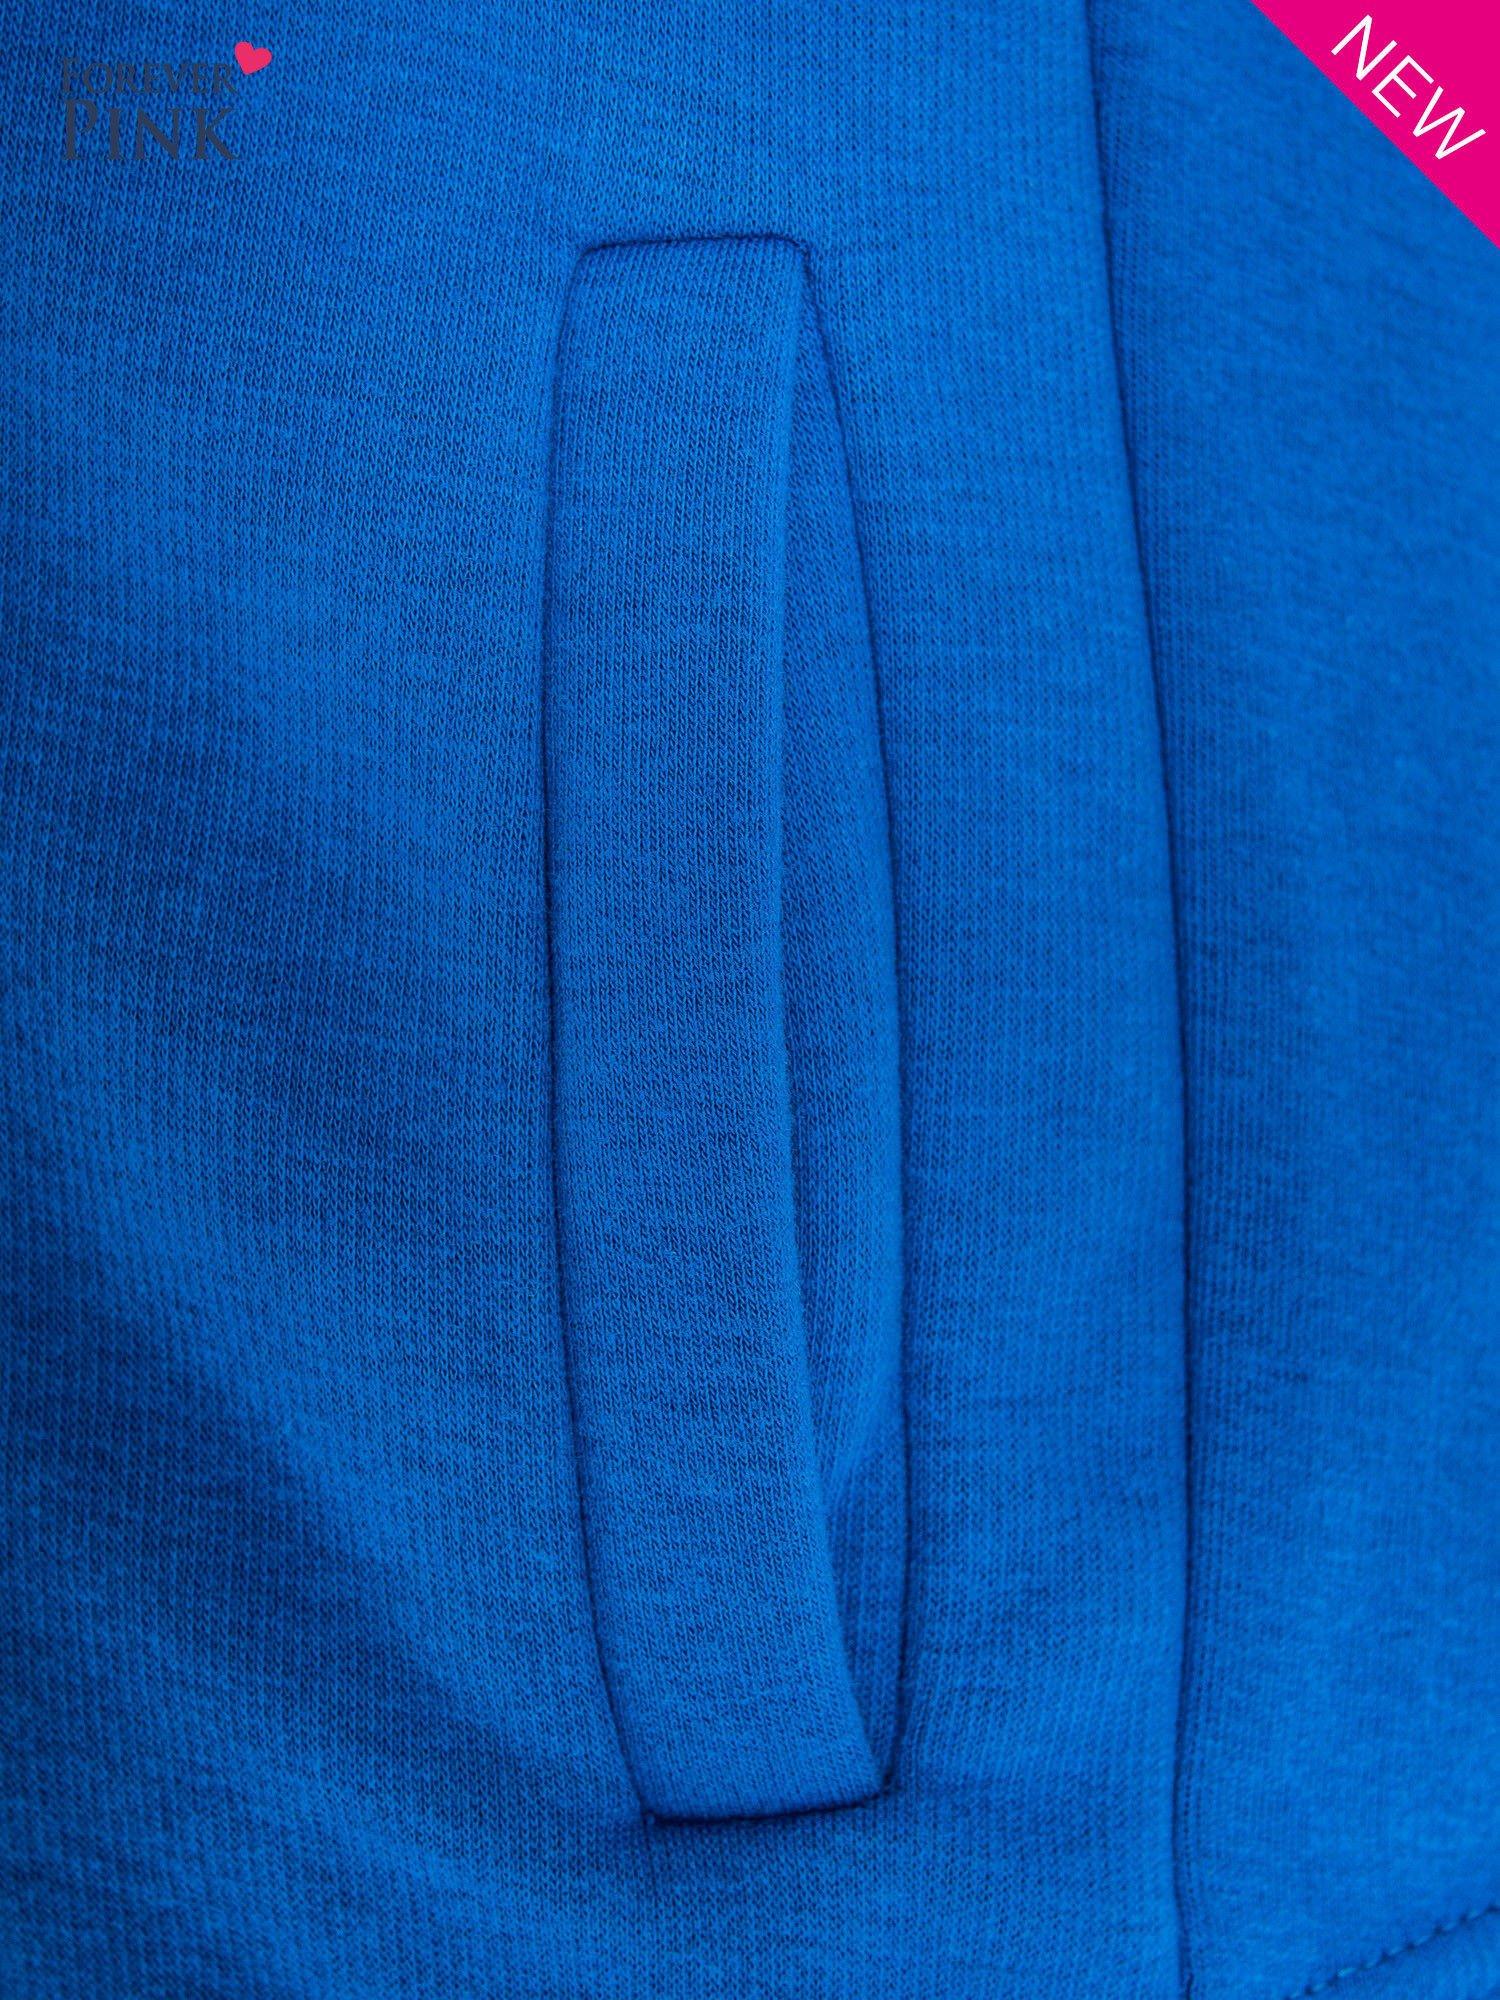 Niebieska bluza o kroju ramoneski z asymetrycznym suwakiem                                  zdj.                                  5